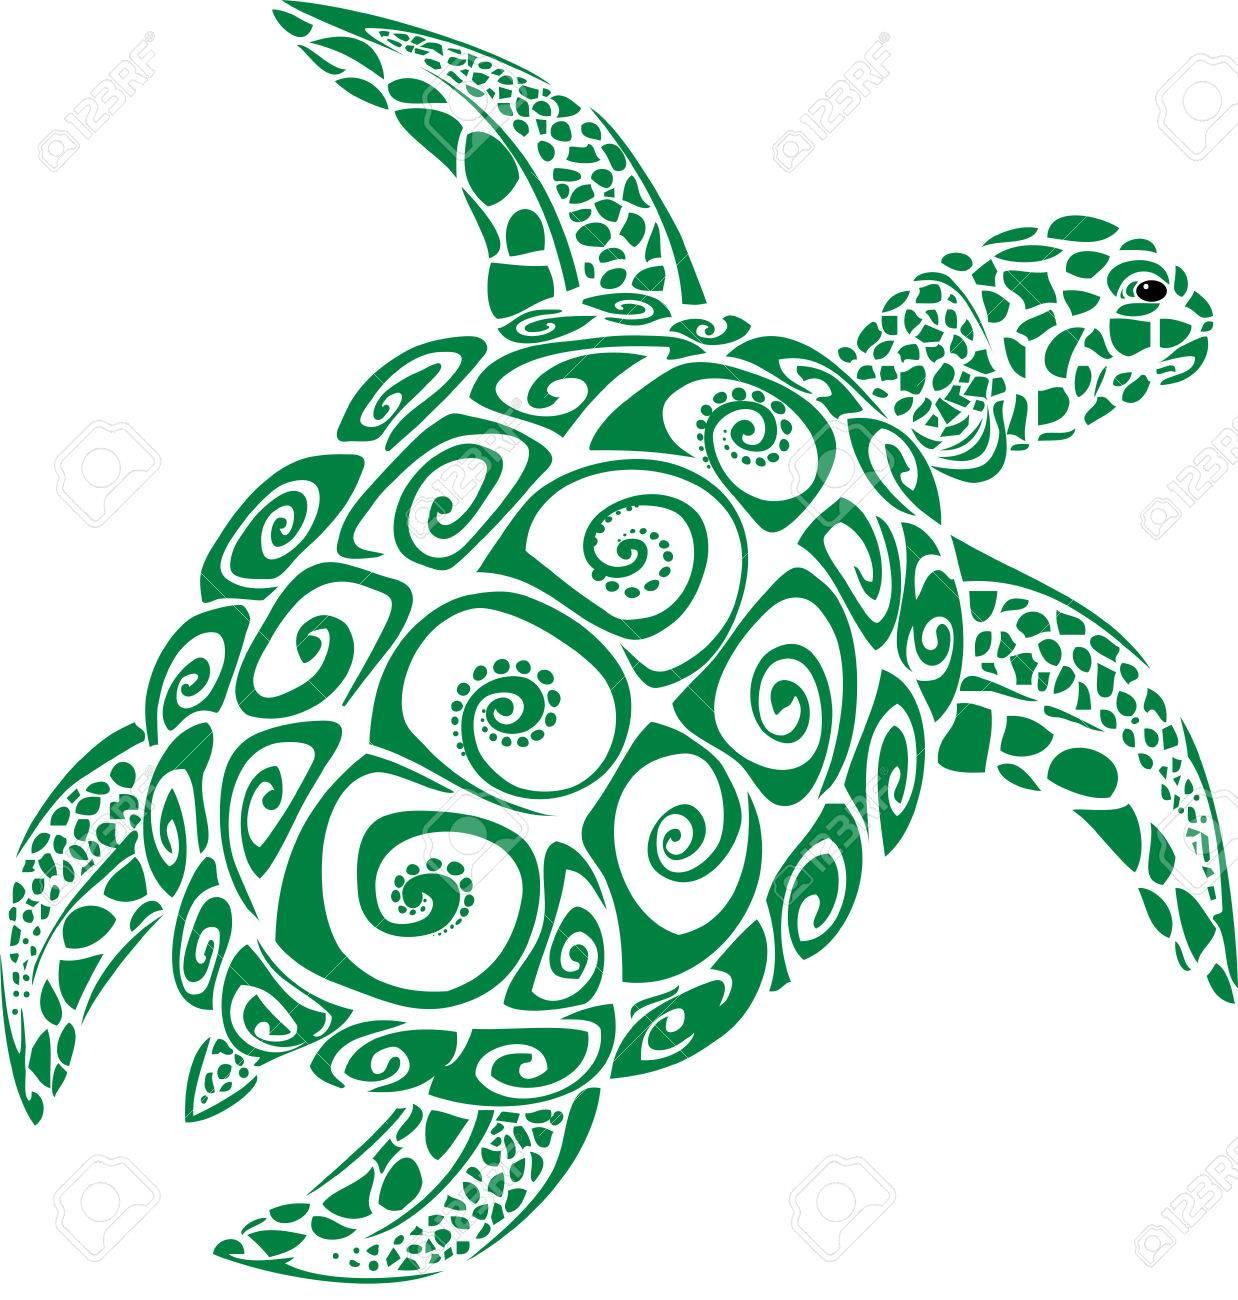 Green sea turtle - 39219426